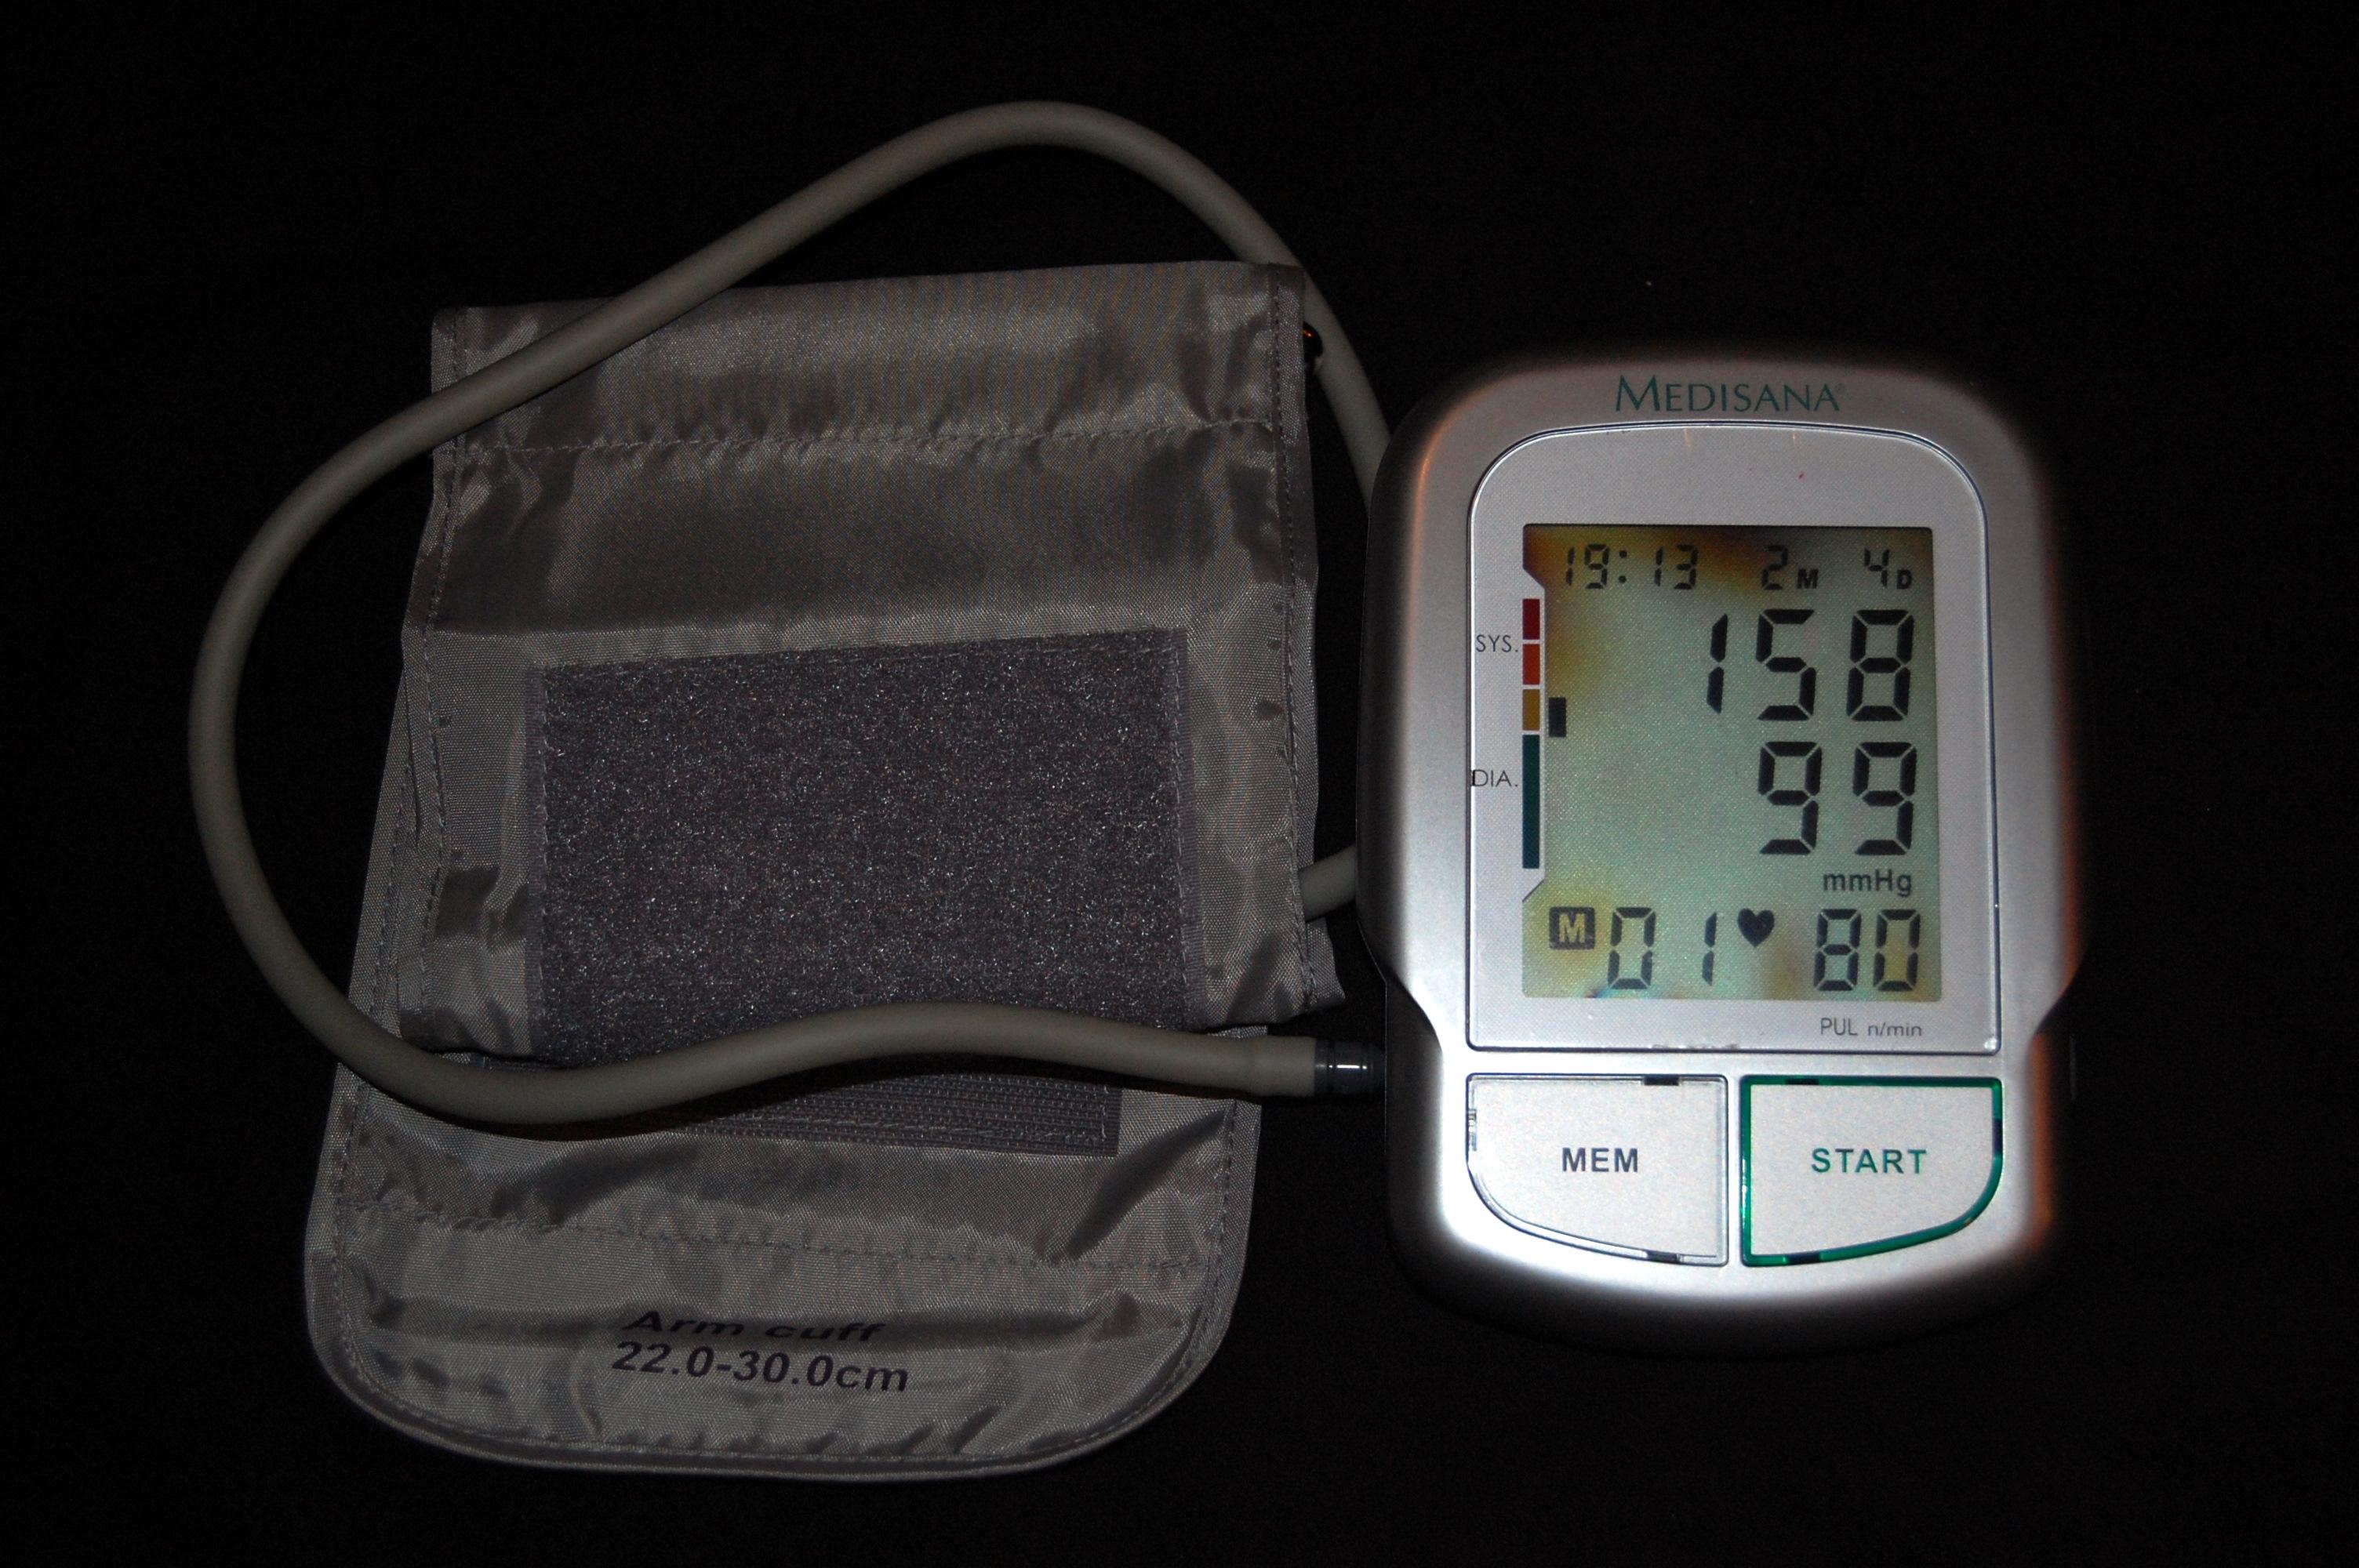 Esencijalna hipertenzija – što je, simptomi i liječenje   Zdravlje srca - Kreni zdravo!